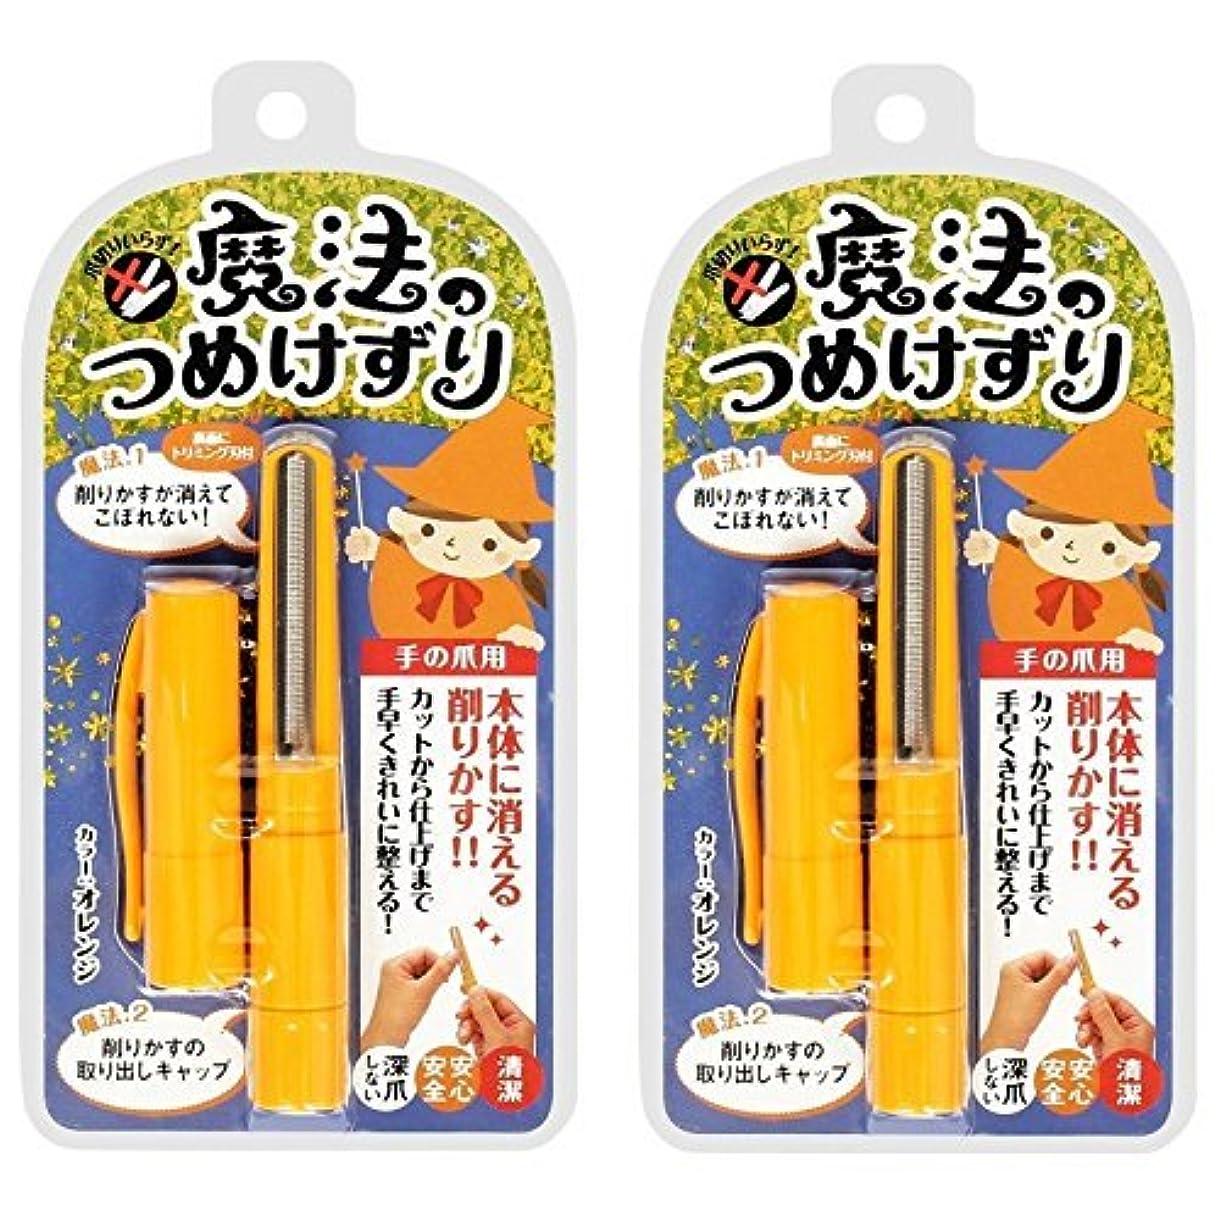 ゴルフ雑多な優れた【セット品】松本金型 魔法のつめけずり MM-090 オレンジ ×2個